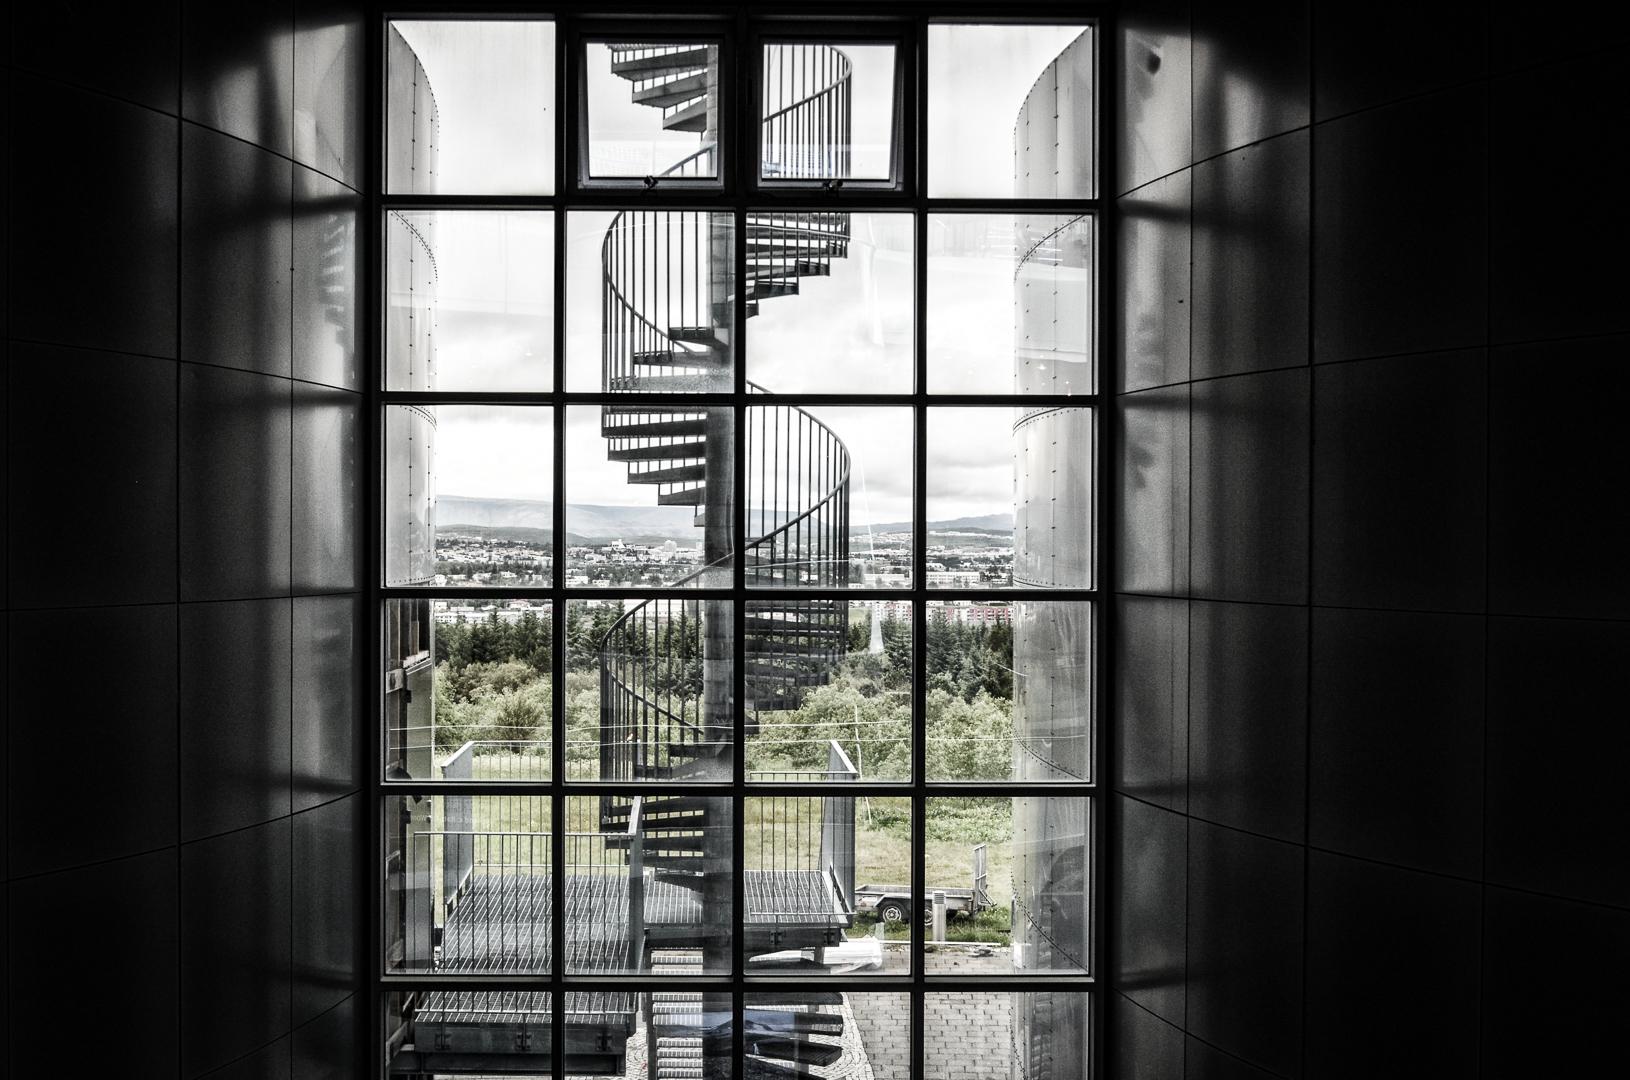 Escalier de la Perle